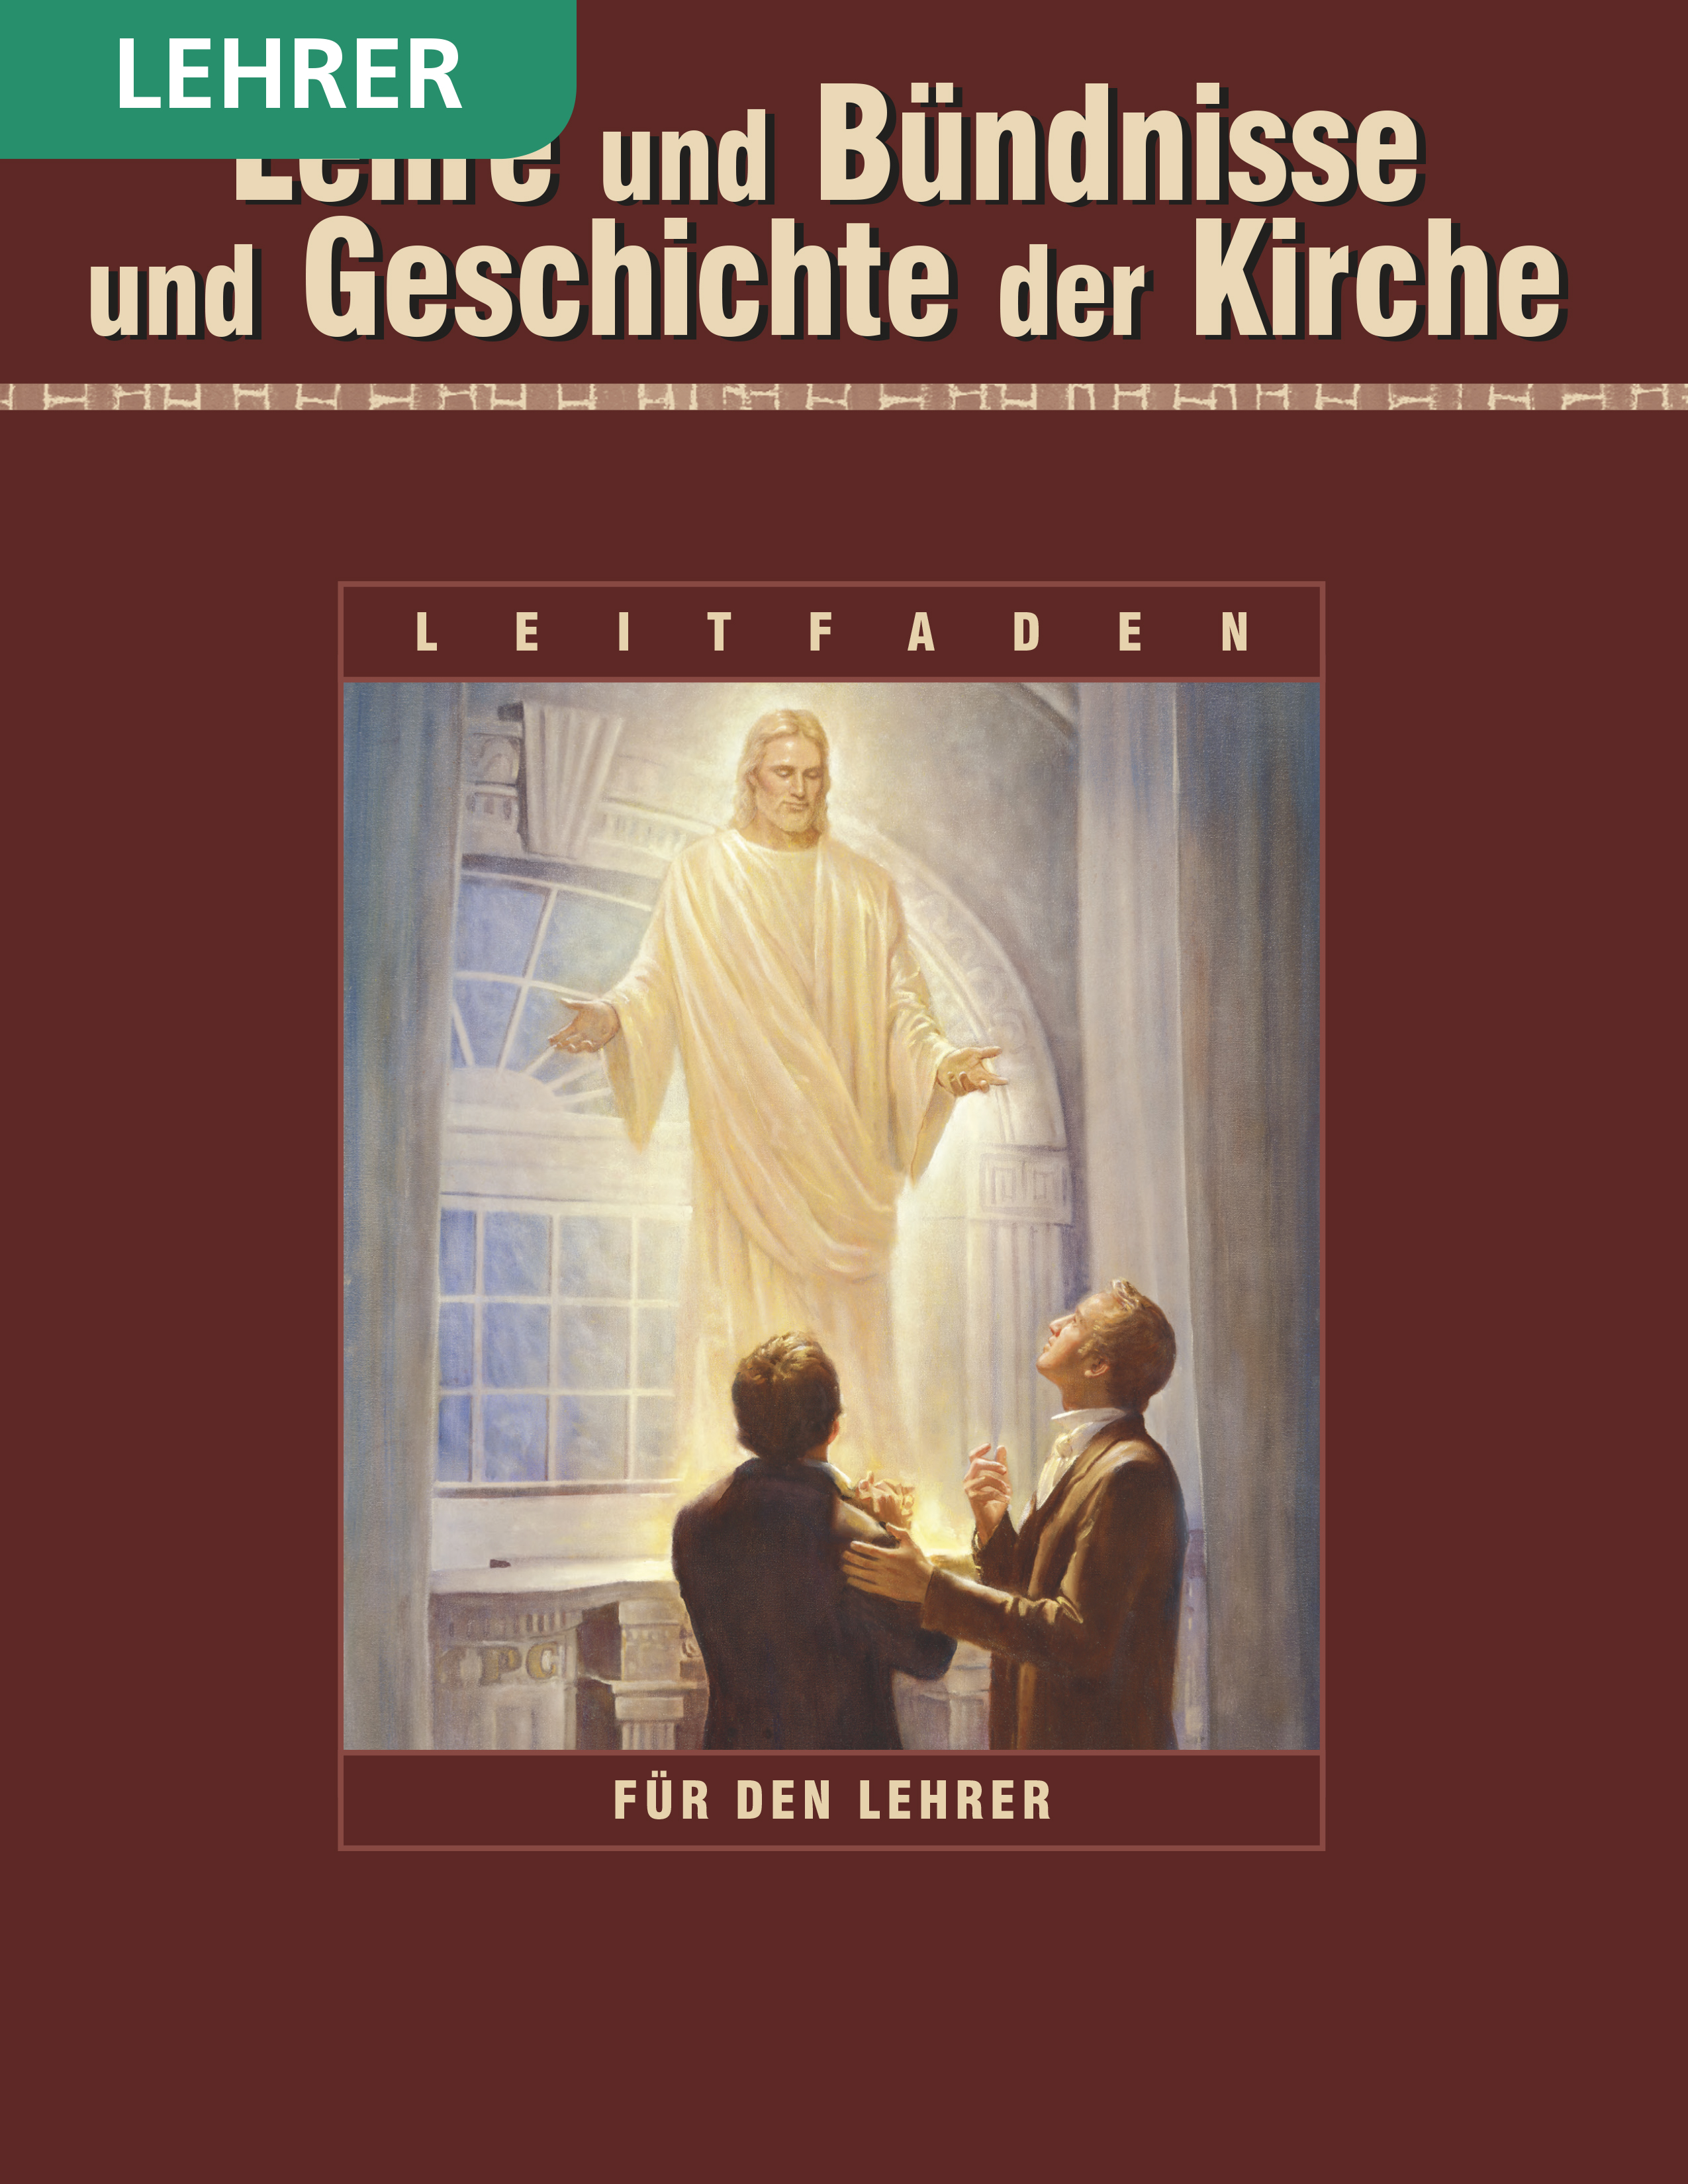 Lehre und Bündnisse und Geschichte der Kirche– Seminarleitfaden für den Lehrer